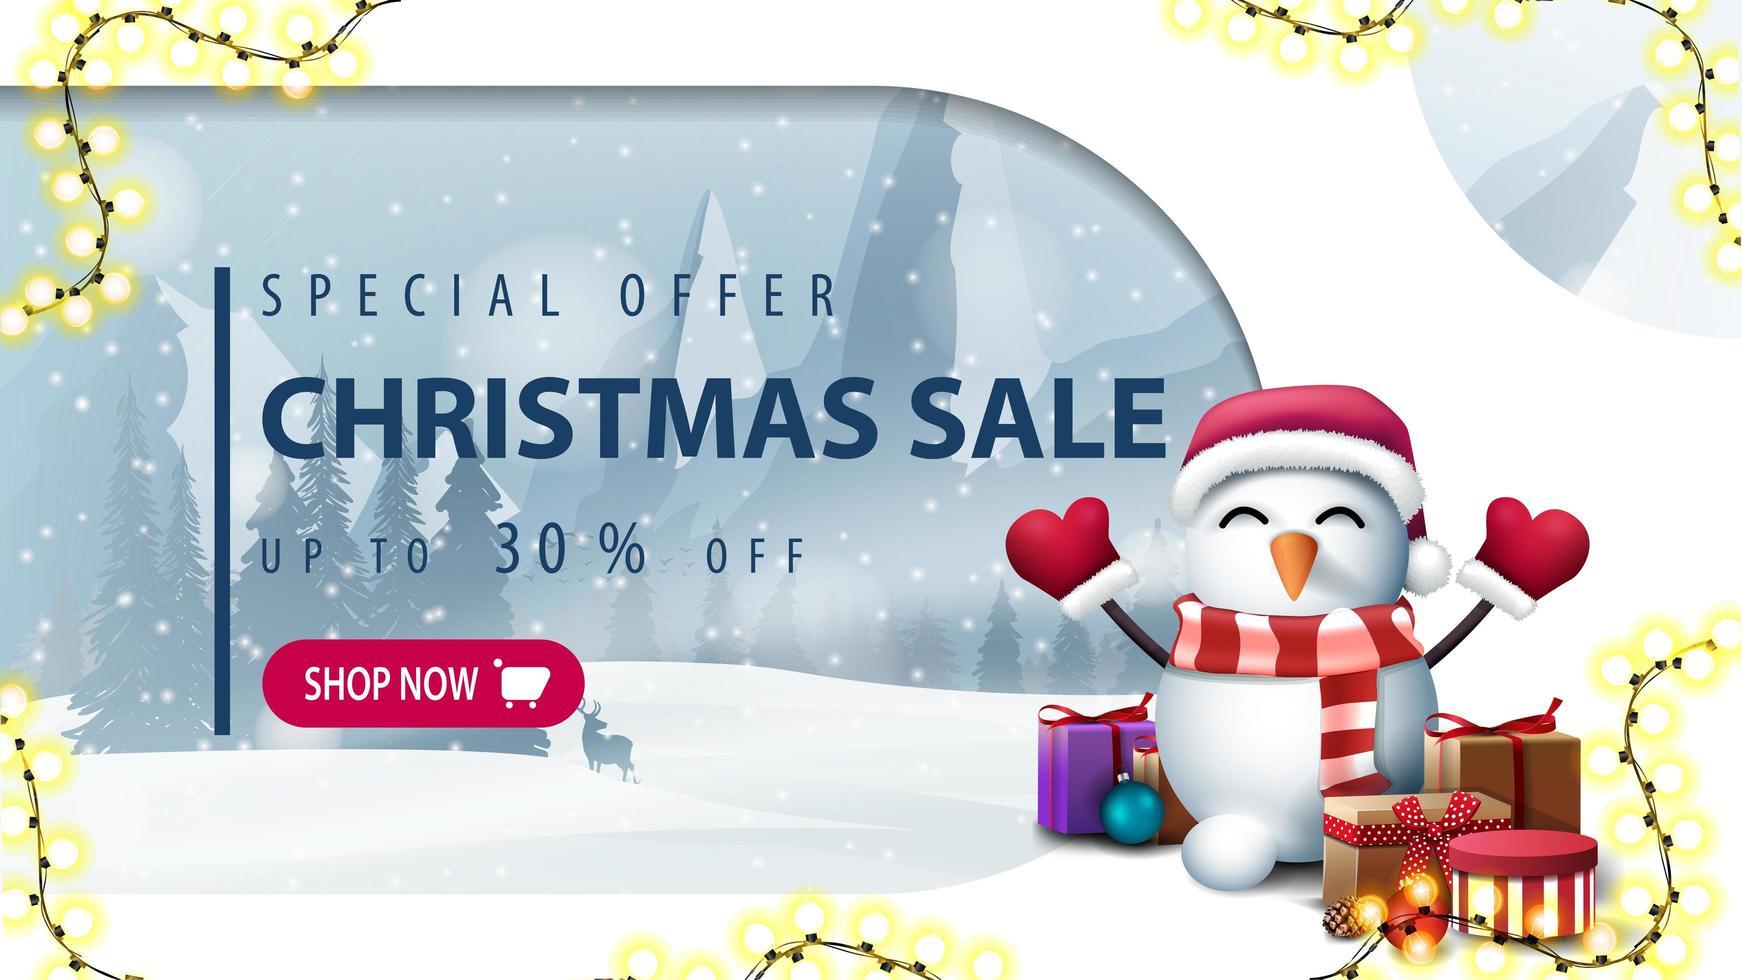 banner de desconto em estilo de corte de papel com boneco de neve vetor